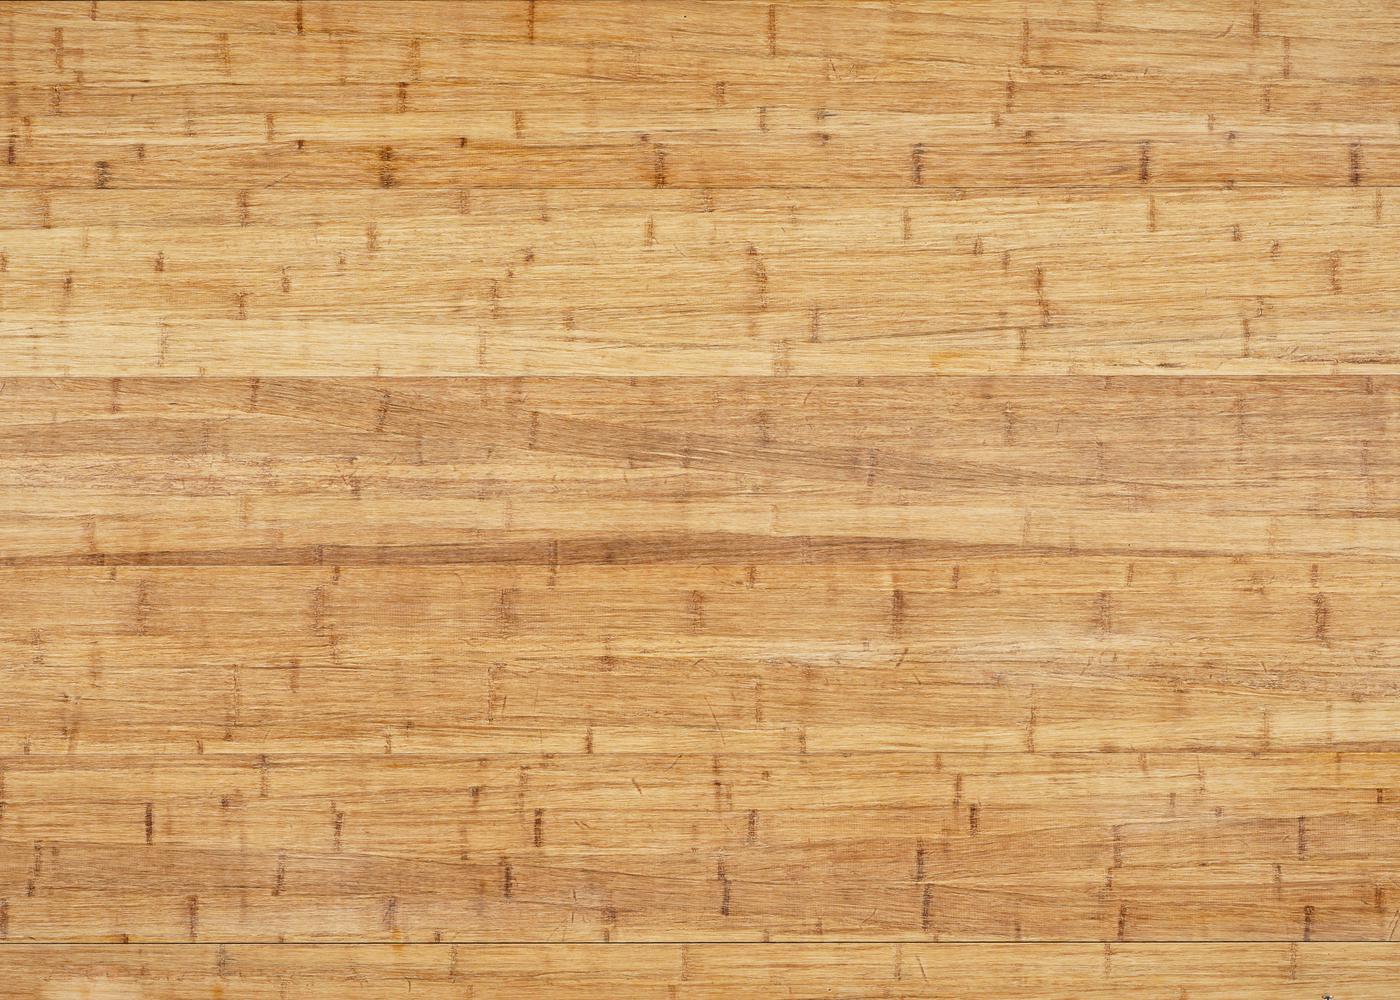 Parquet bambou massif Concrete 1 pli brossé brut 18x160x1900